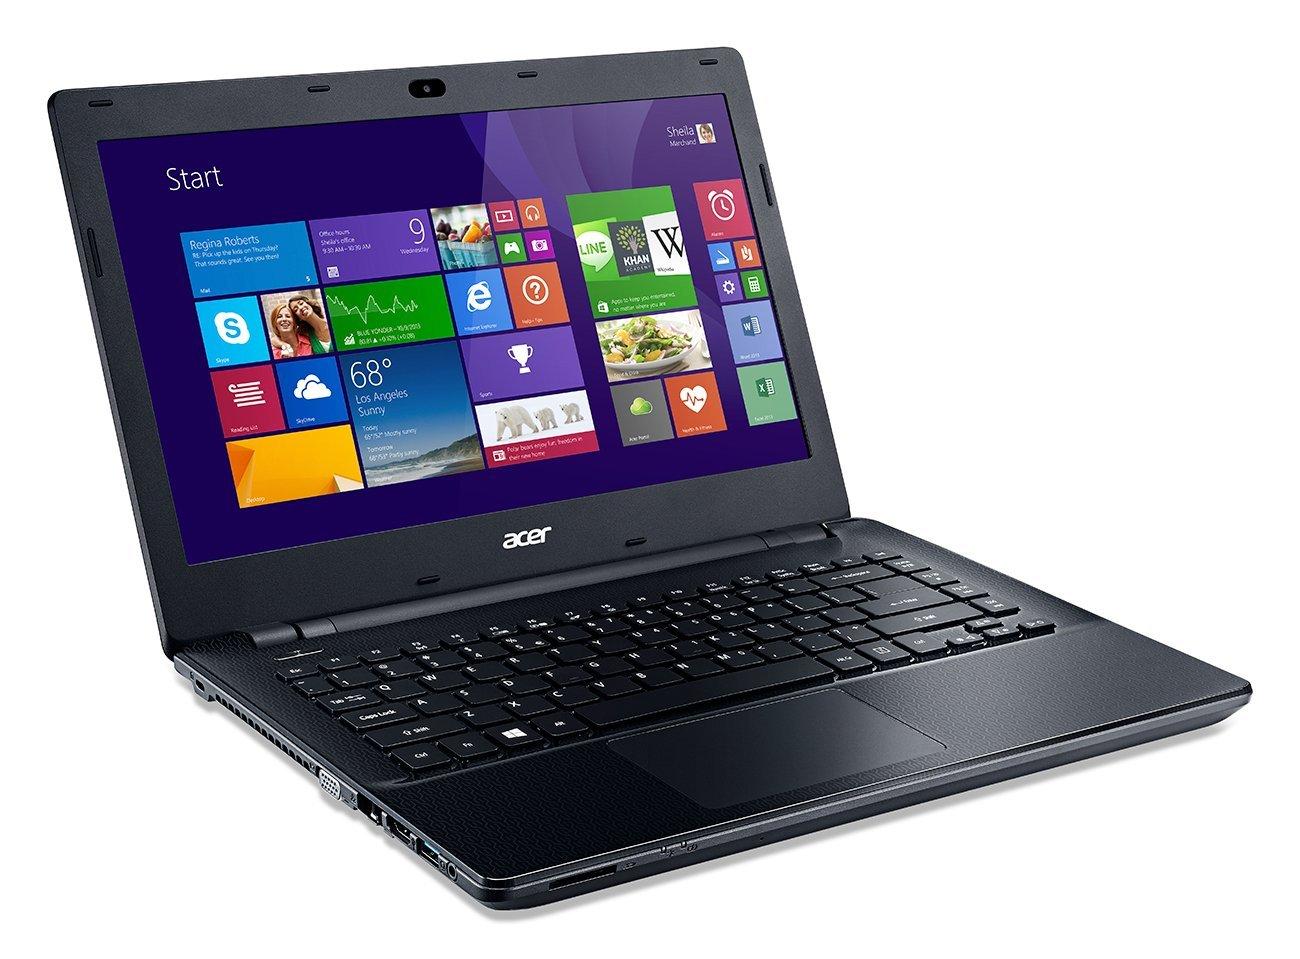 Acer Aspire E5-411-P32N Review